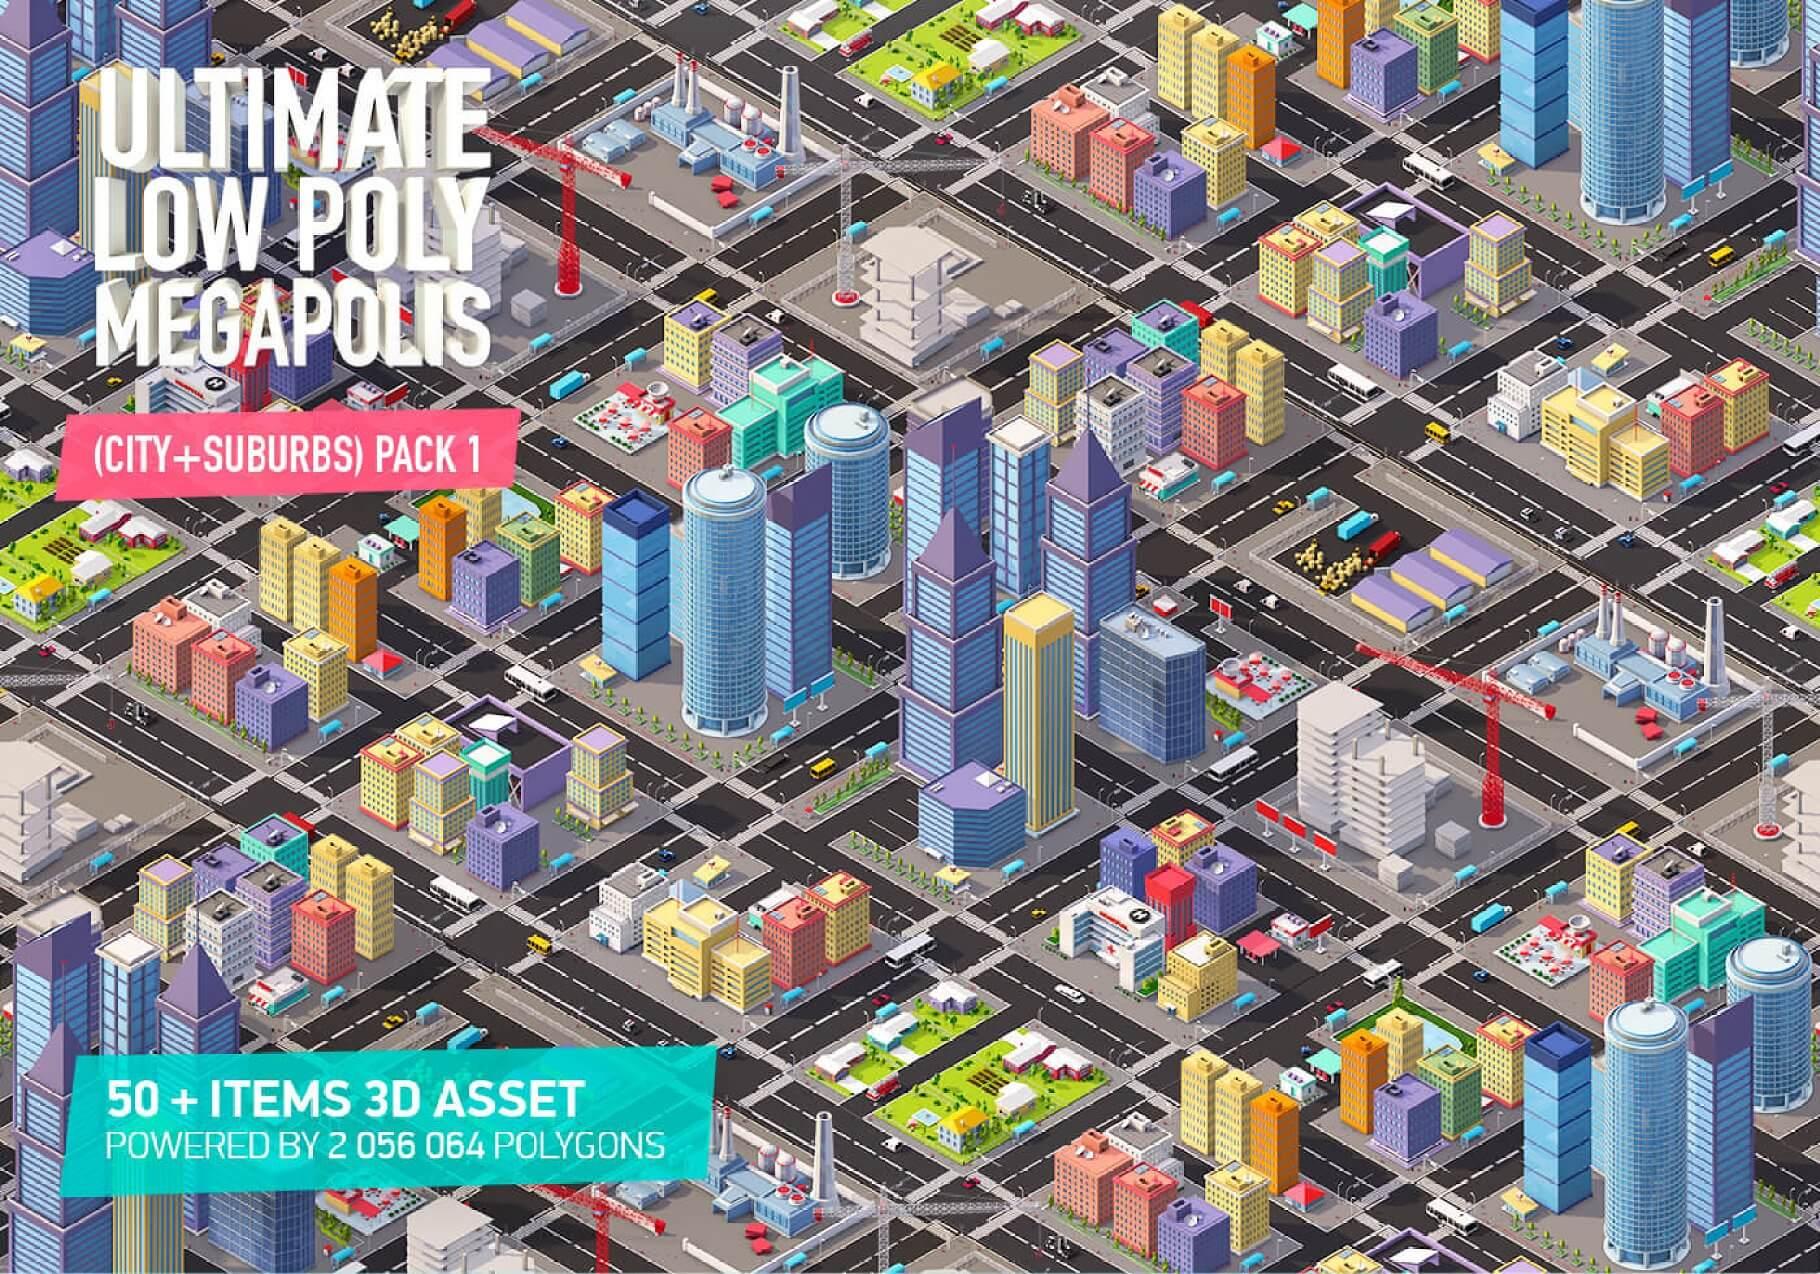 低多边形城市模型低面模型地面城市建筑C4D模型素材